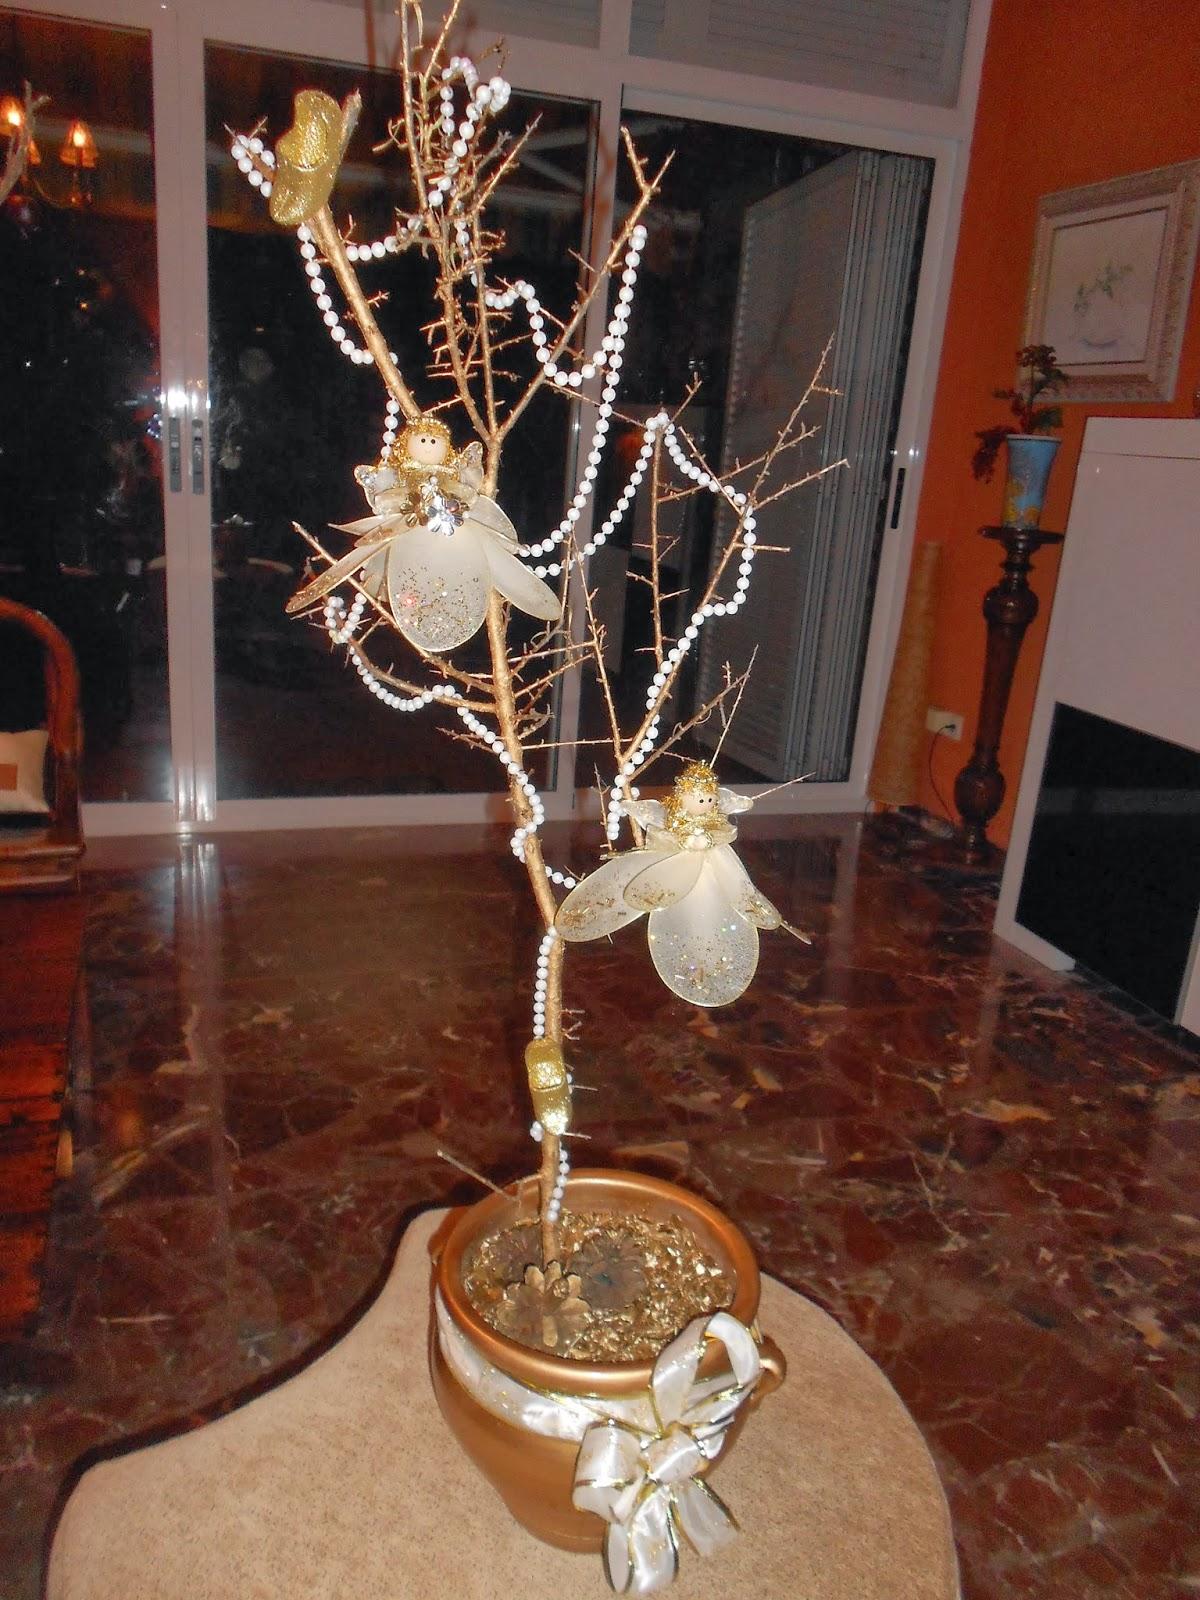 Decoraciones navide as con ramas secas tita pastor for Decoracion con ramas secas